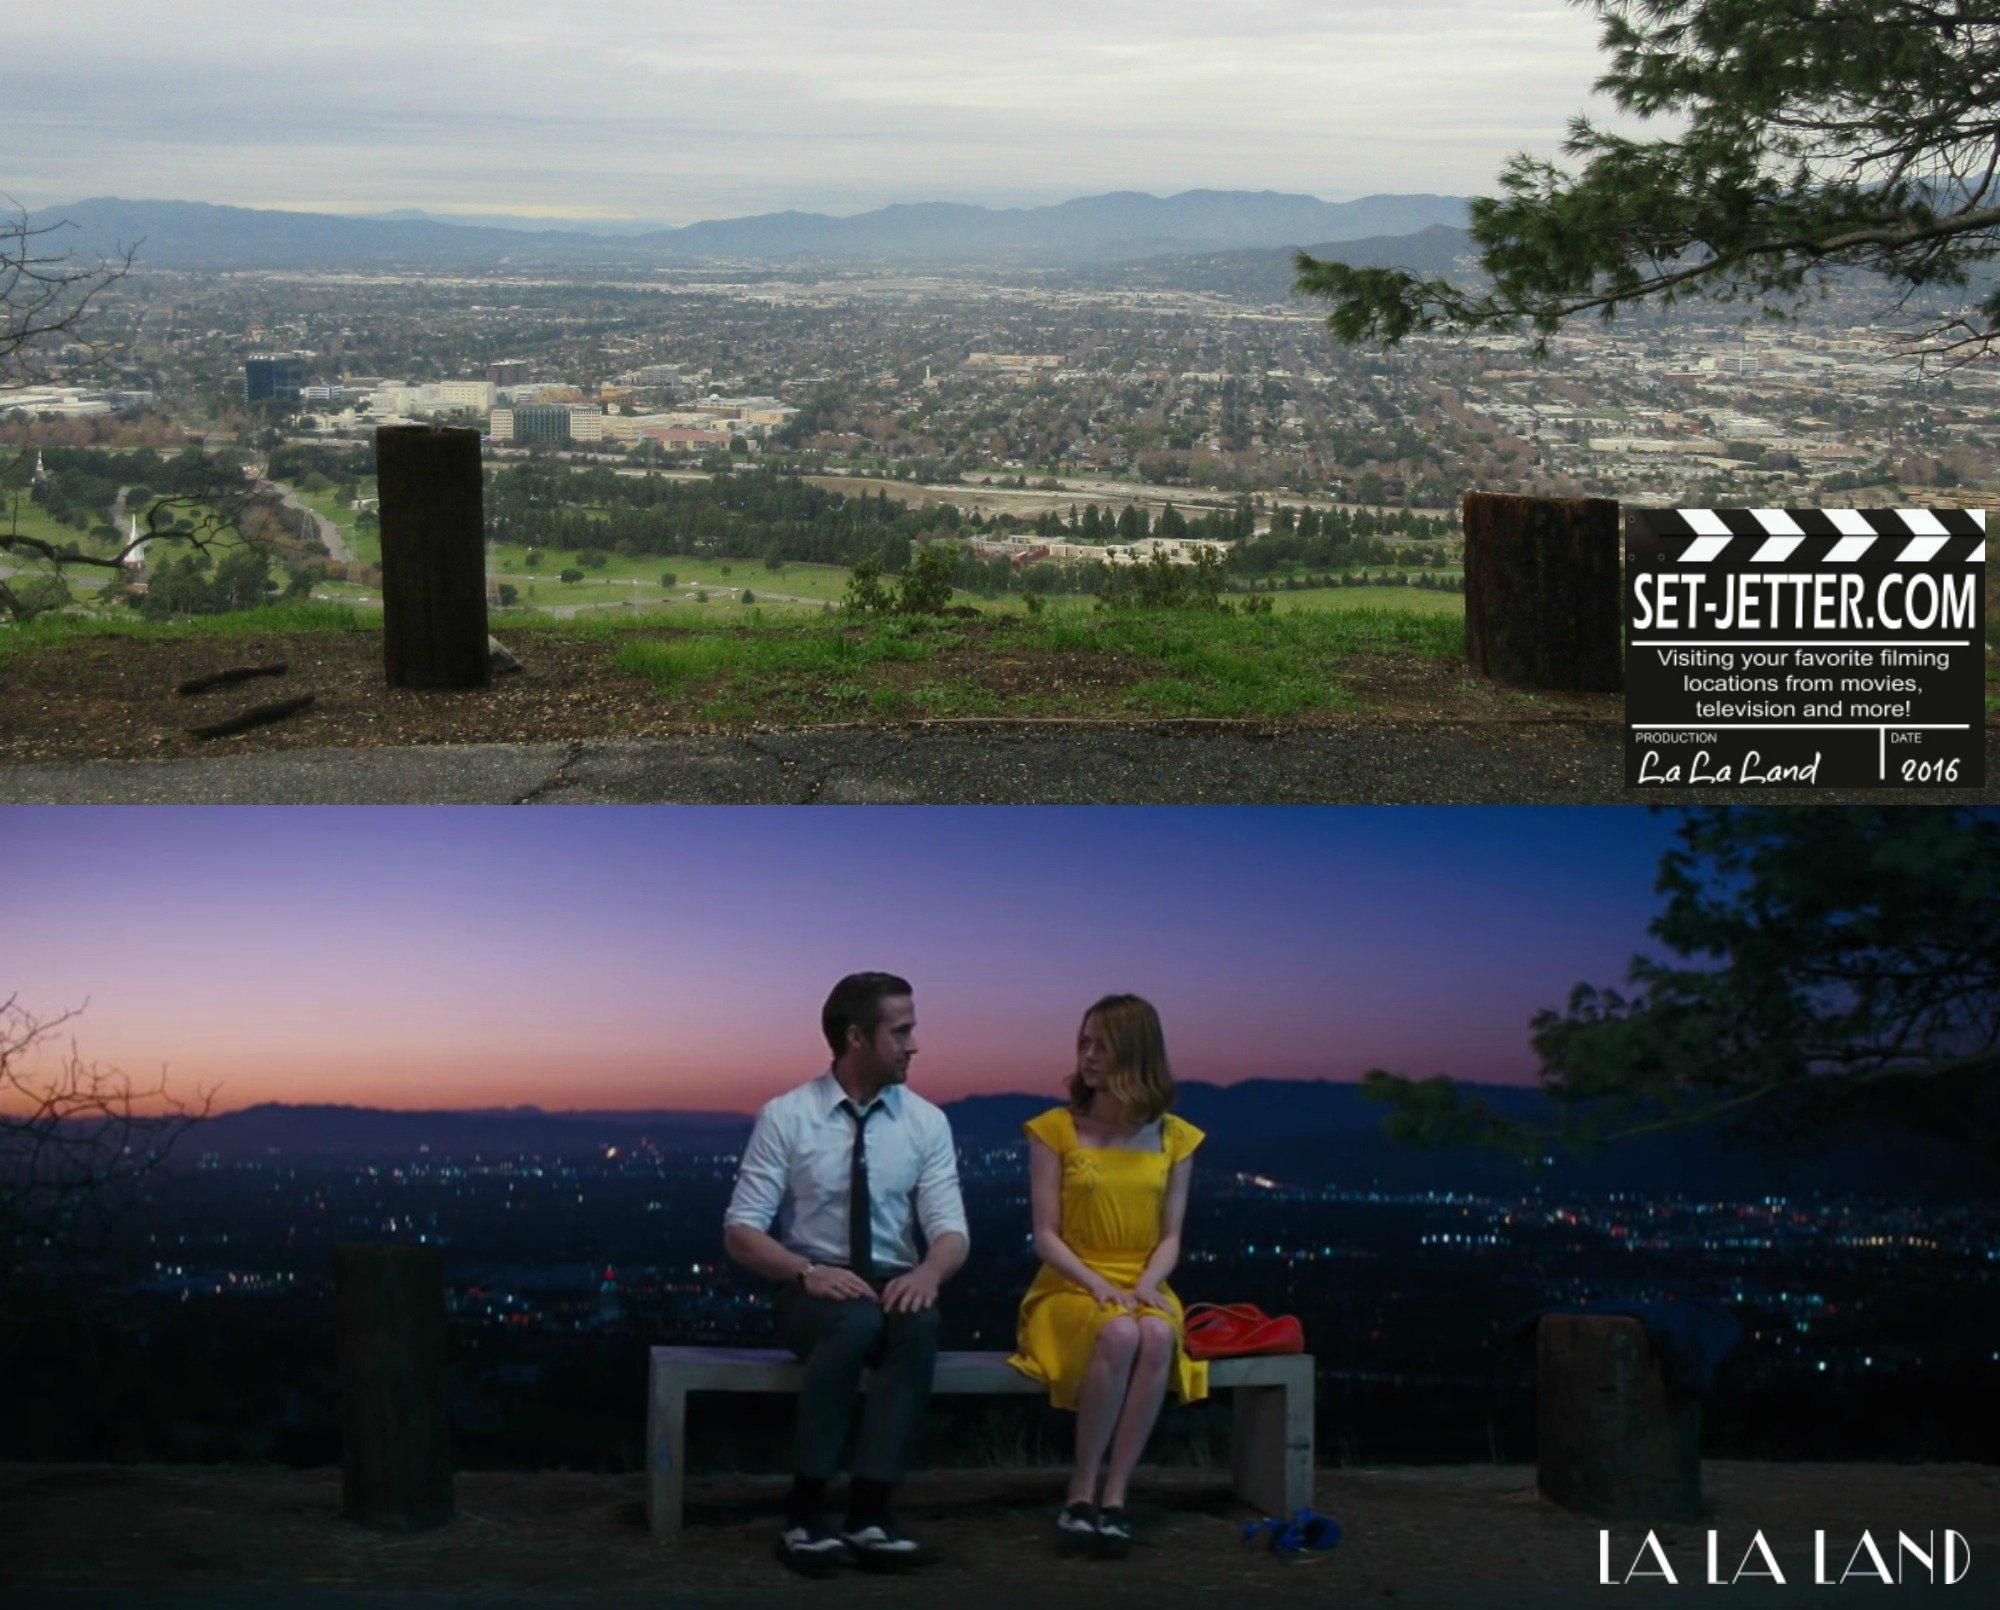 La La Land comparison 25.jpg